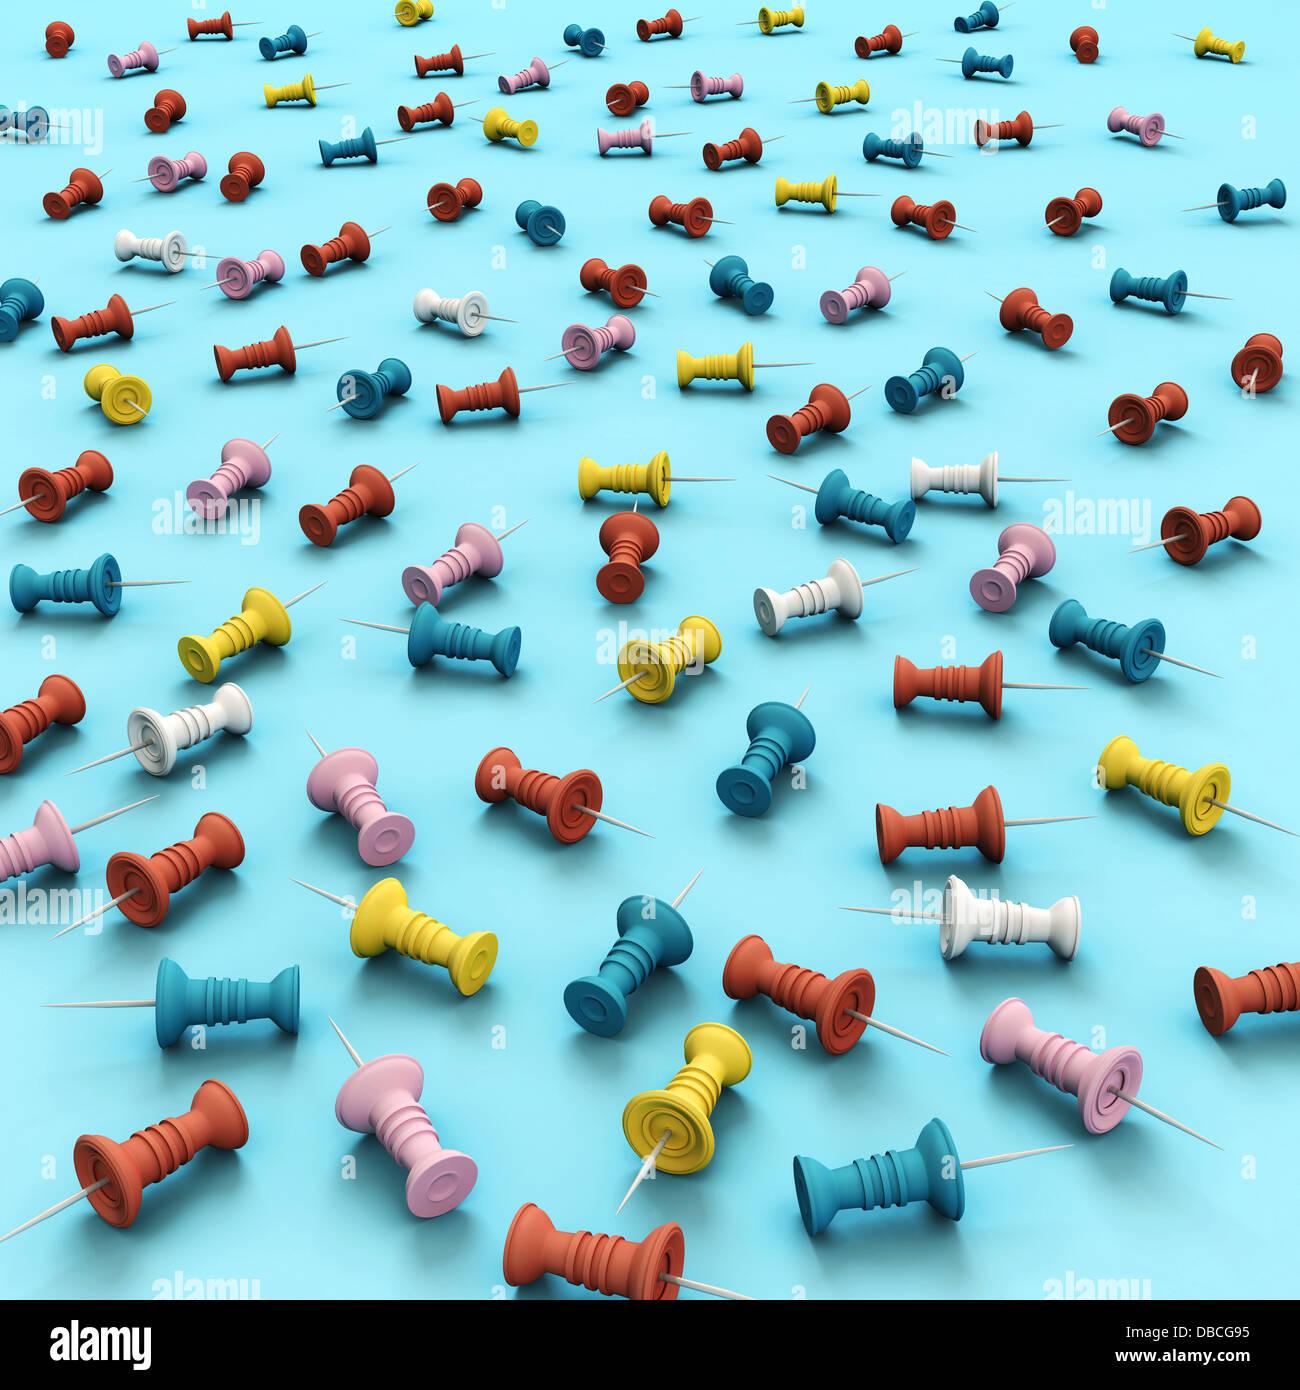 Illustrazione dei vari multi colorata chiodini pollice su sfondo blu Immagini Stock